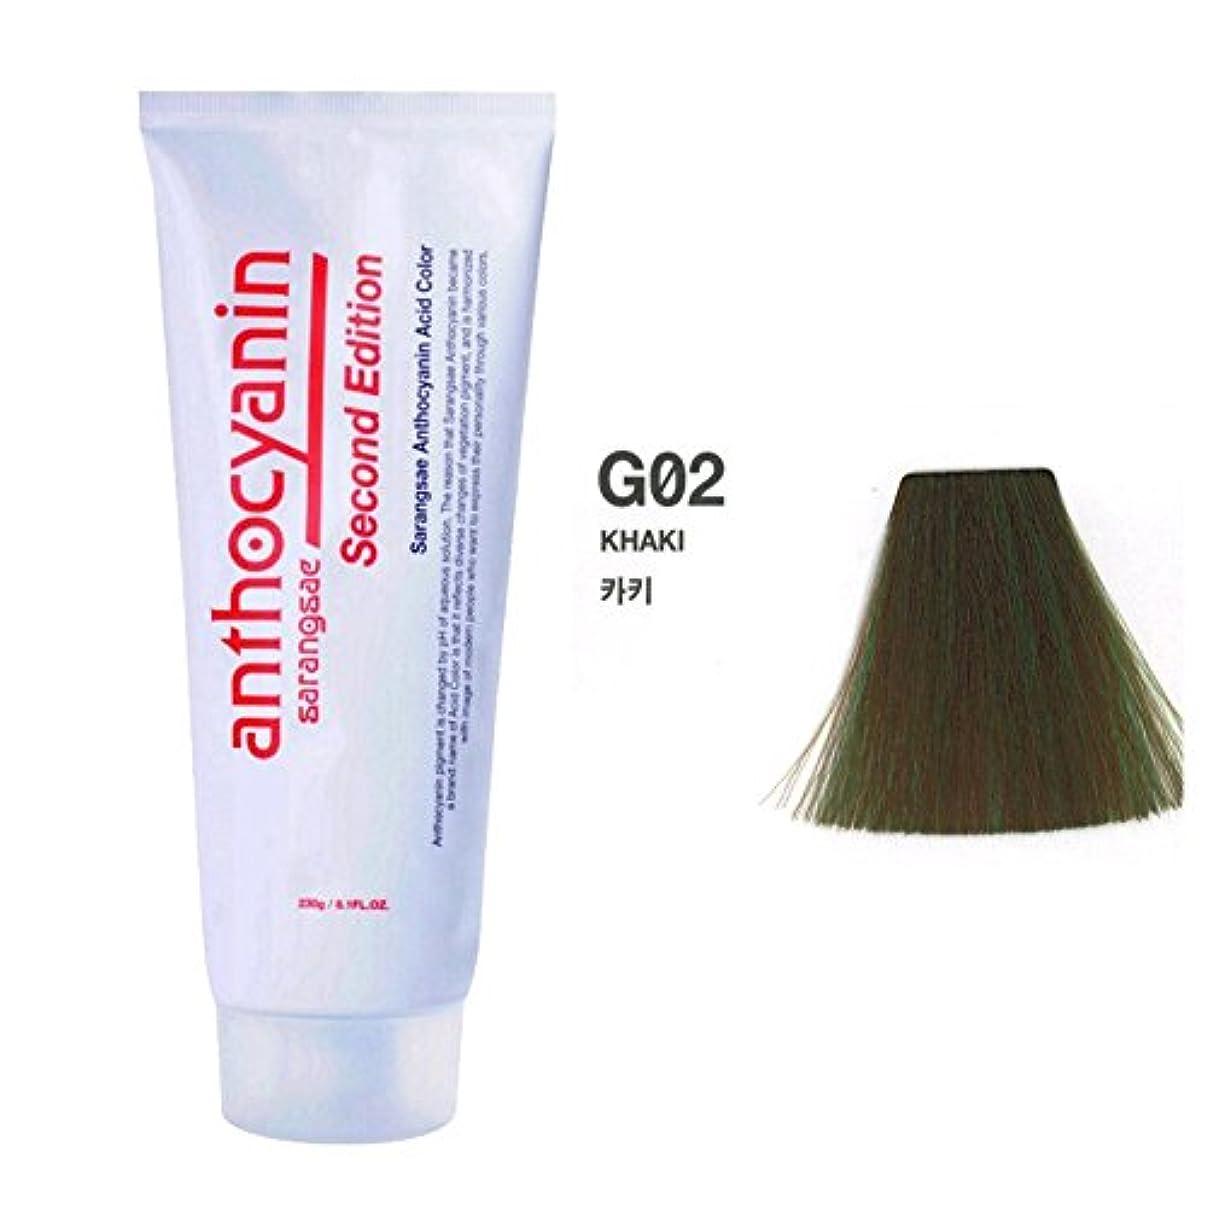 水っぽい郵便屋さん安定しましたヘア マニキュア カラー セカンド エディション 230g セミ パーマネント 染毛剤 (Hair Manicure Color Second Edition 230g Semi Permanent Hair Dye) [並行輸入品] (G02 Khaki)